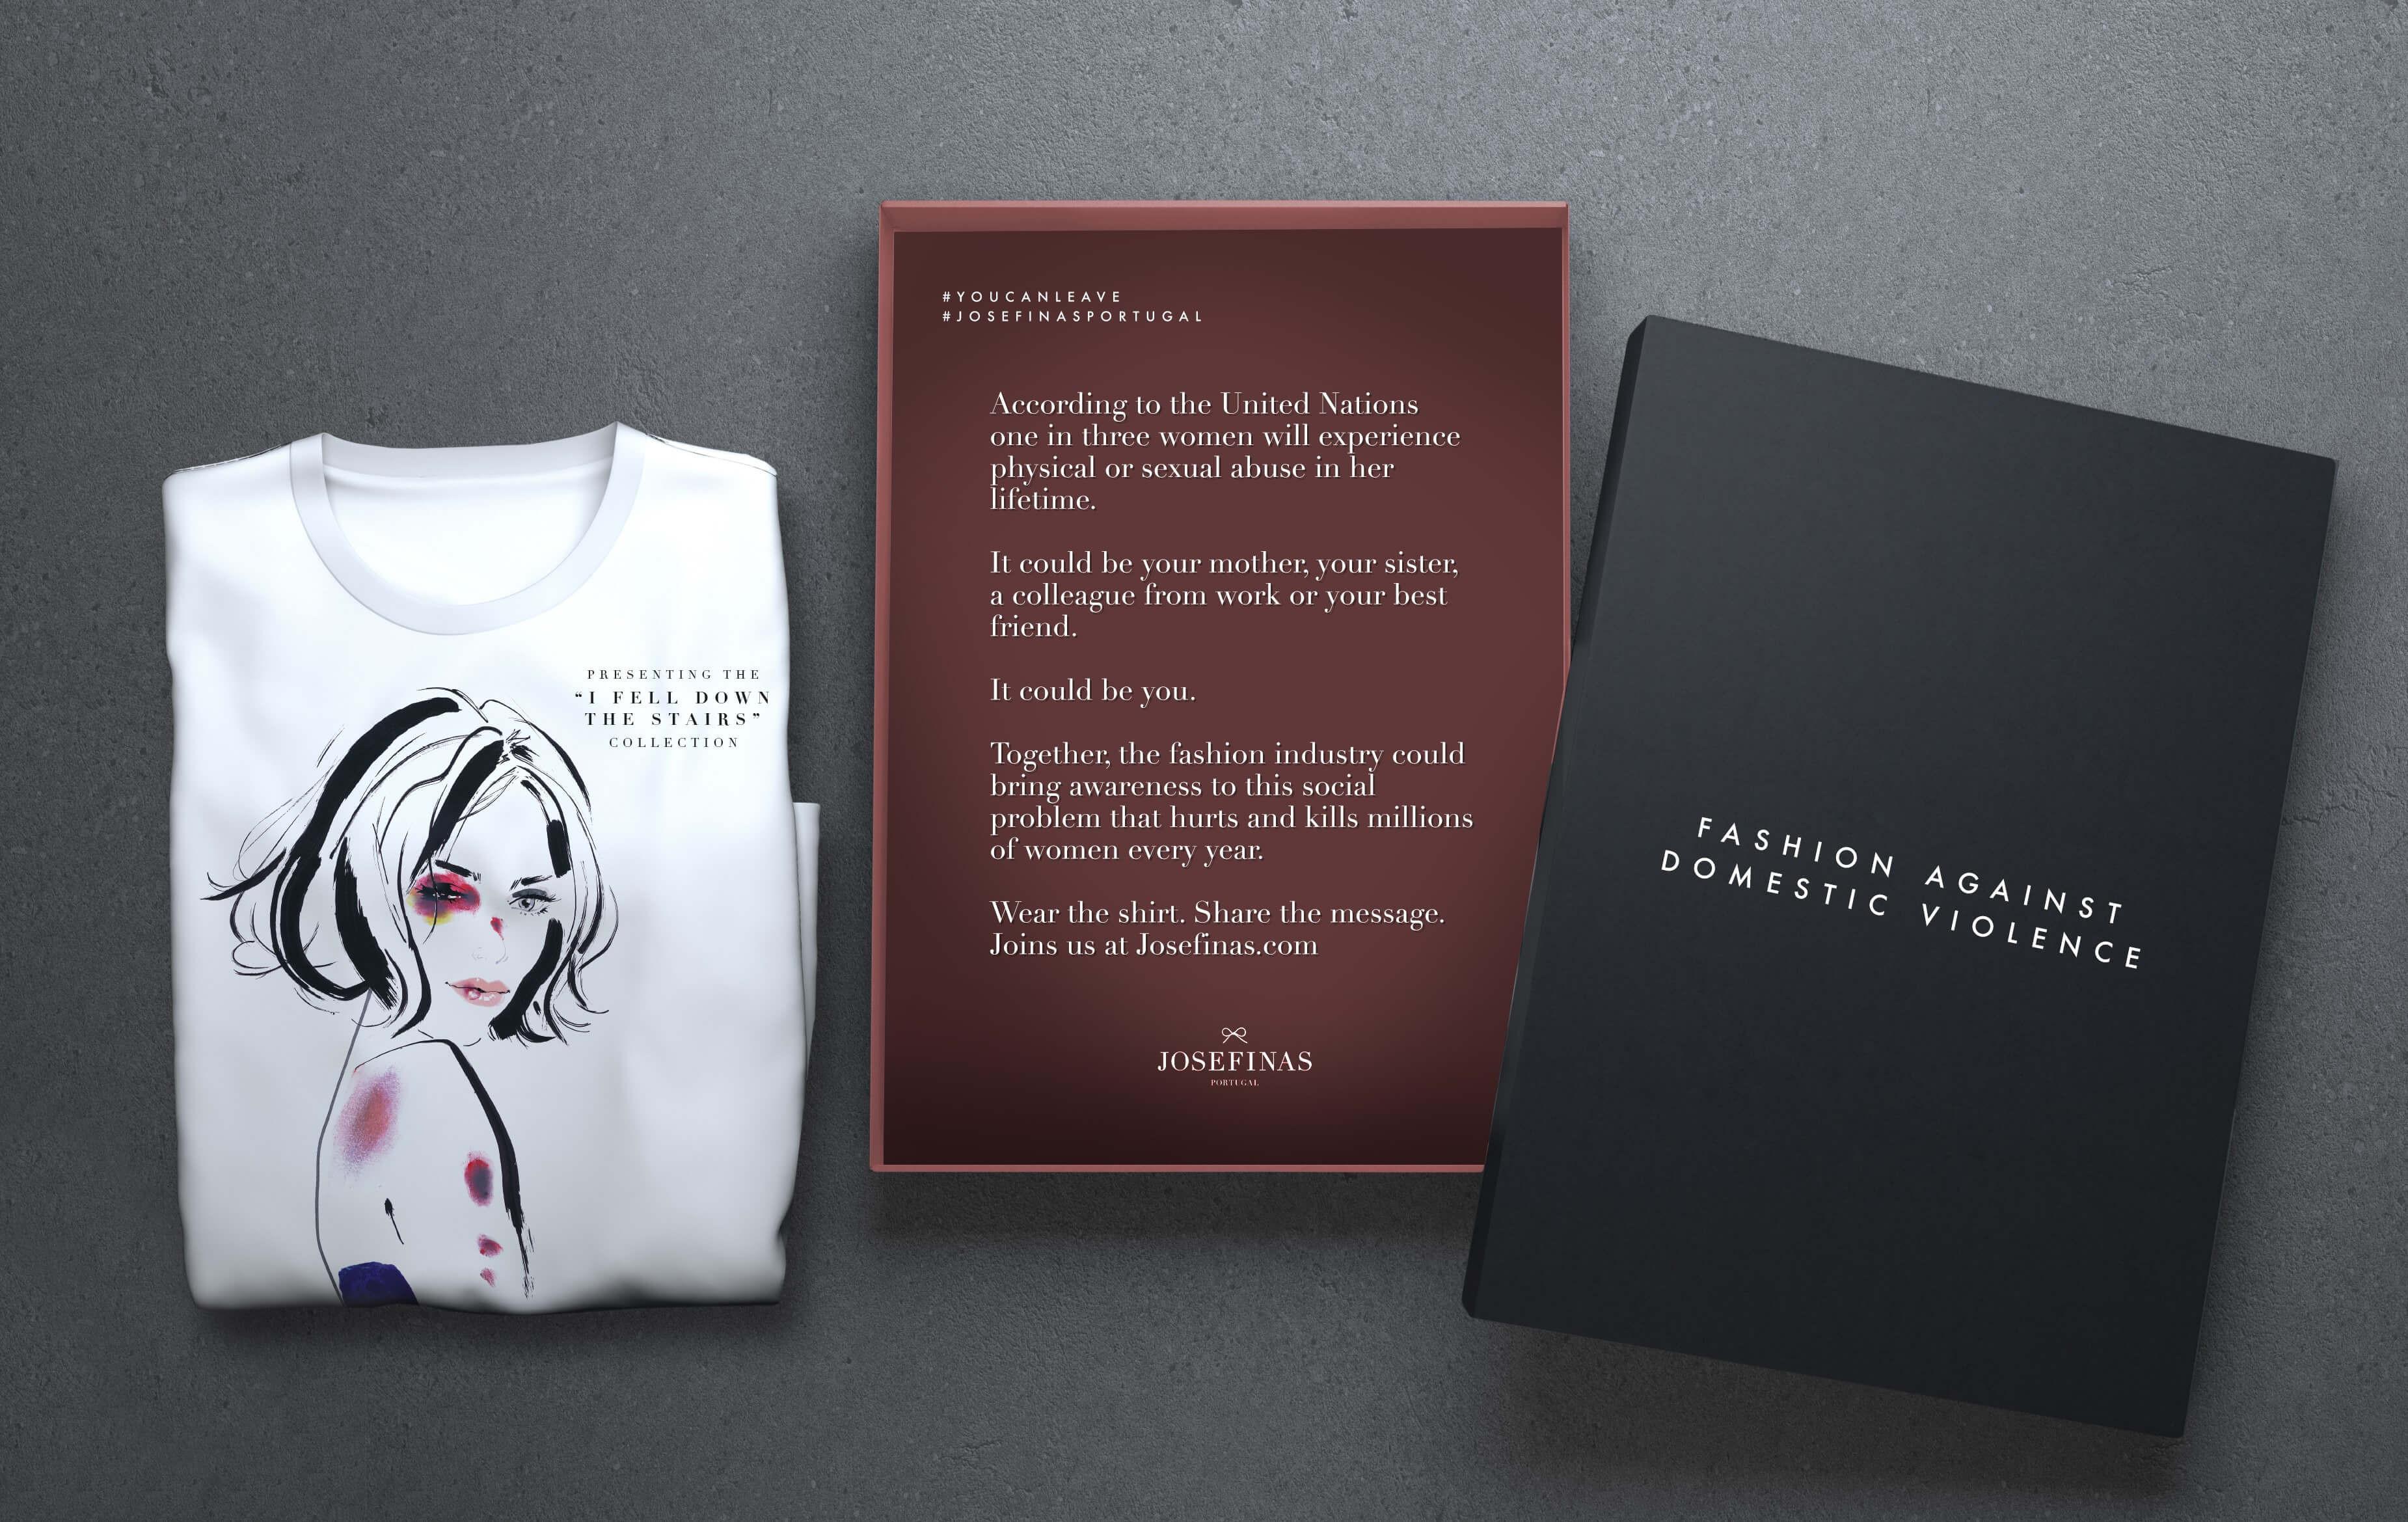 Marque uma posição. Uma t-shirt que pode salvar a vida de uma mulher